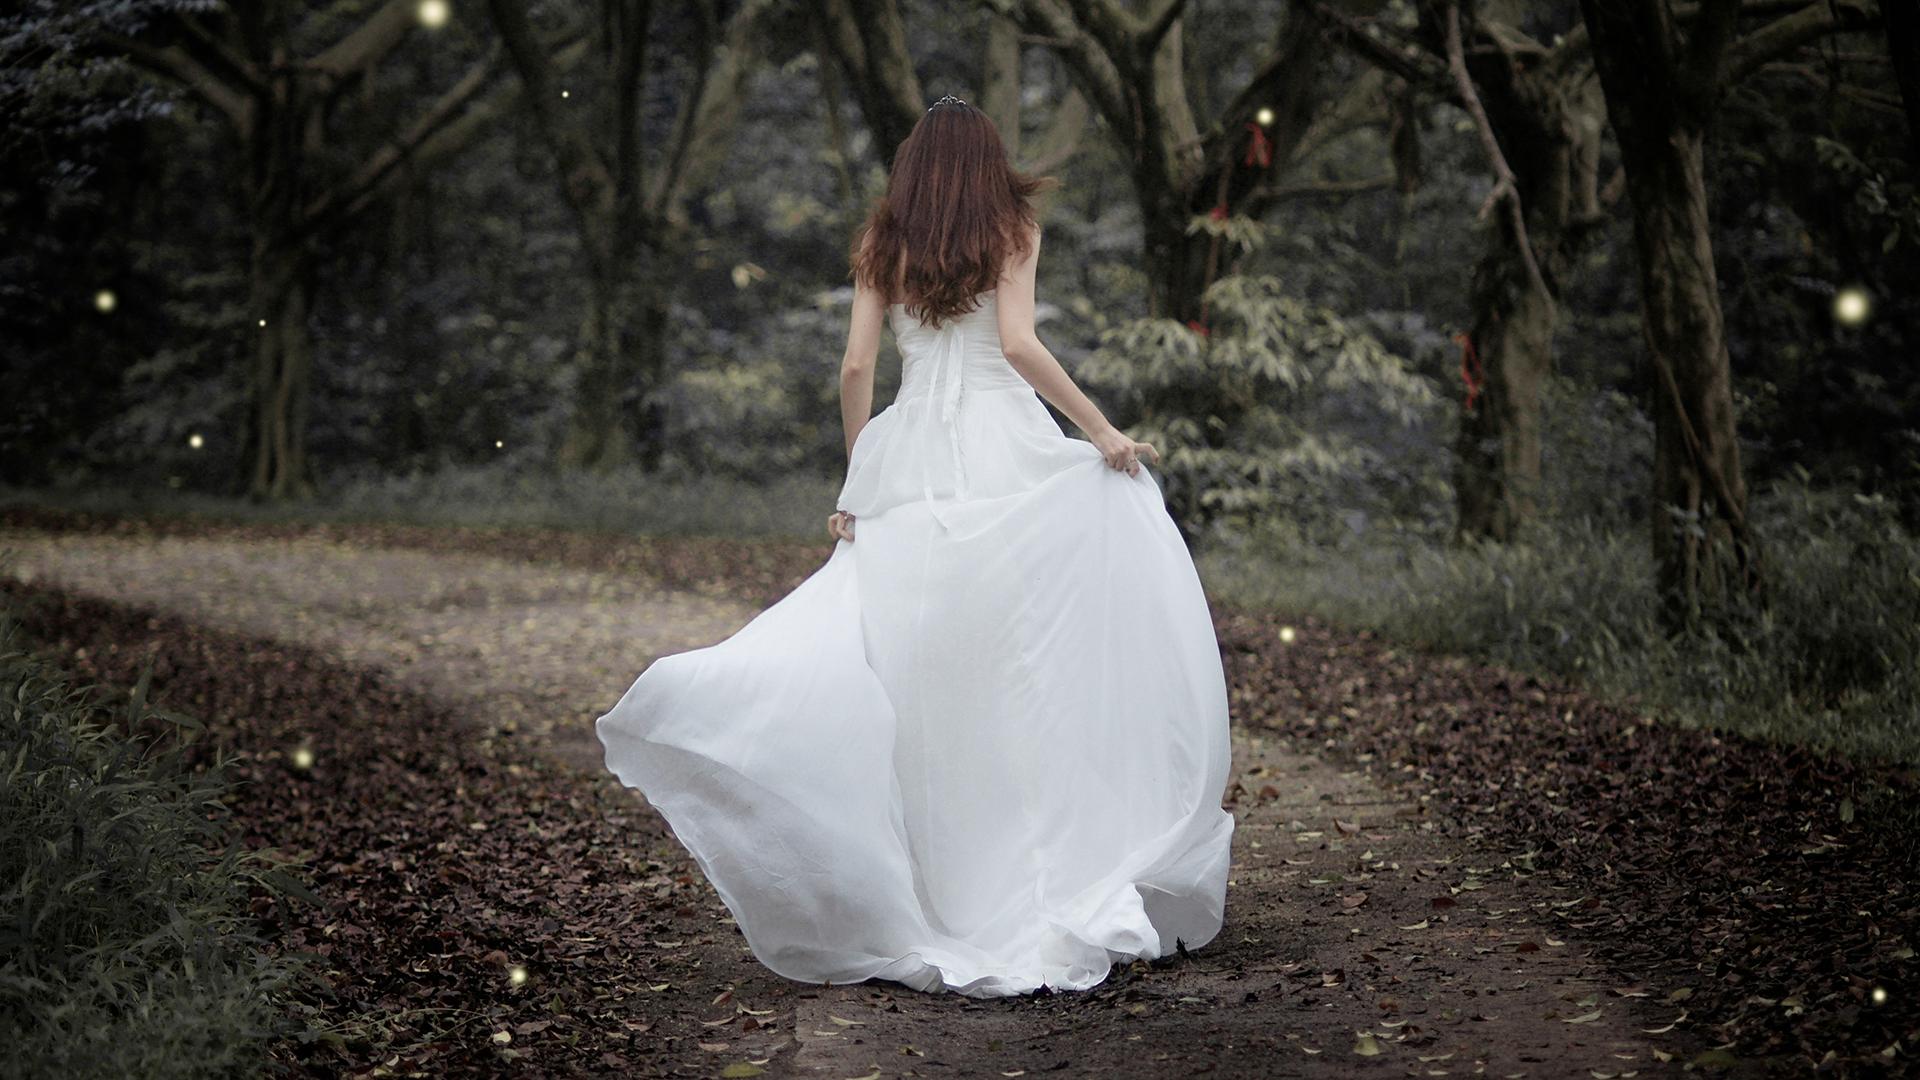 Scopre il tradimento del futuro marito: legge i messaggi di lui (all'amante) durante il matrimonio